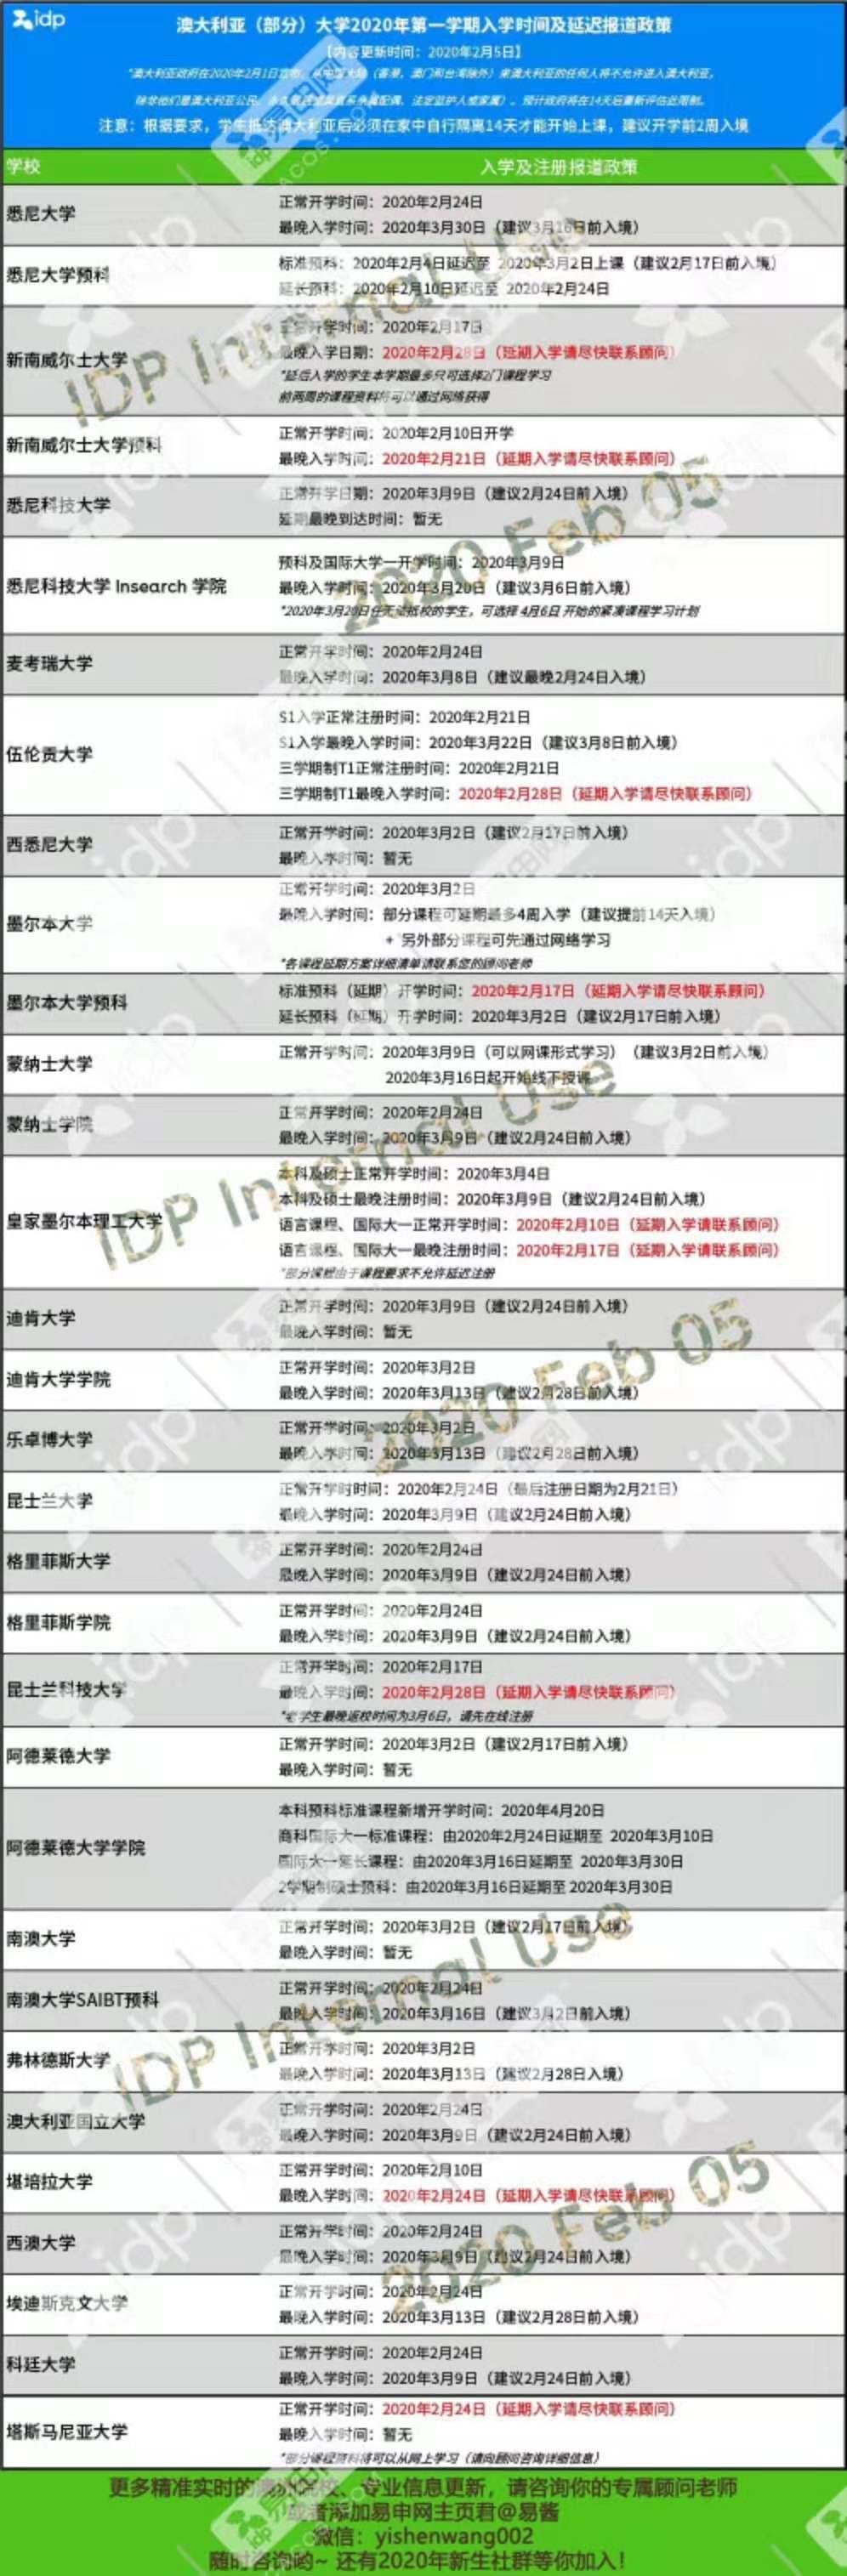 【请查收】2月雅思取消如何应对?附最新八大语言班开学时间及要求!